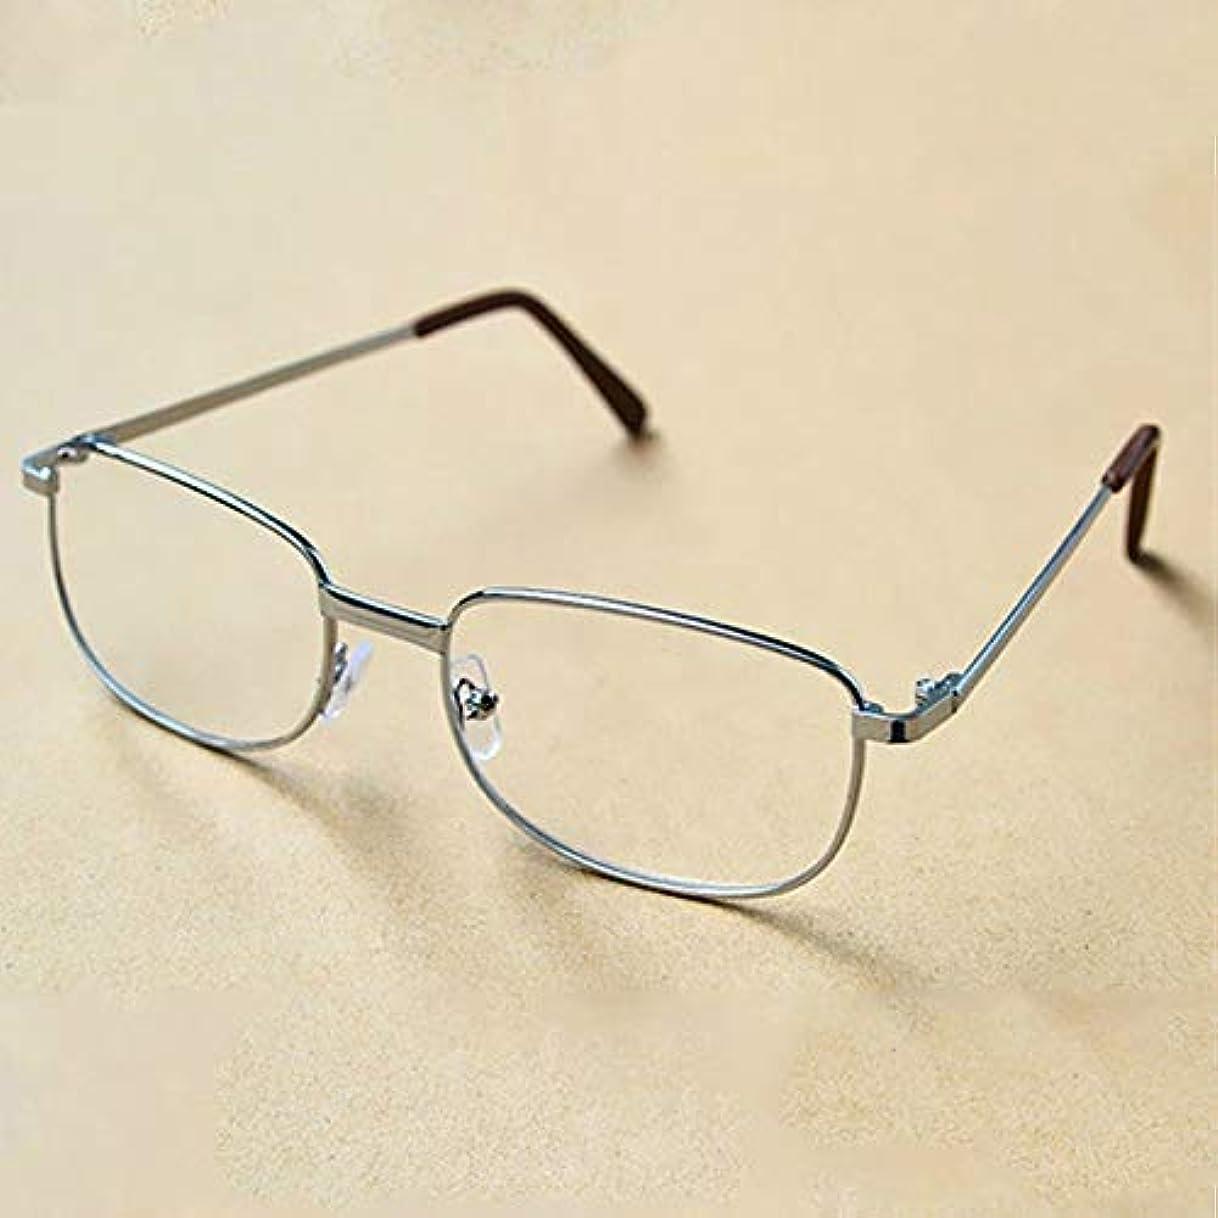 信じられない生ショッキングXIEWEI フルメタルフレーム樹脂レンズ老視メガネ老眼鏡+ 1.50D(ゴールド)YANG (色 : Silver)